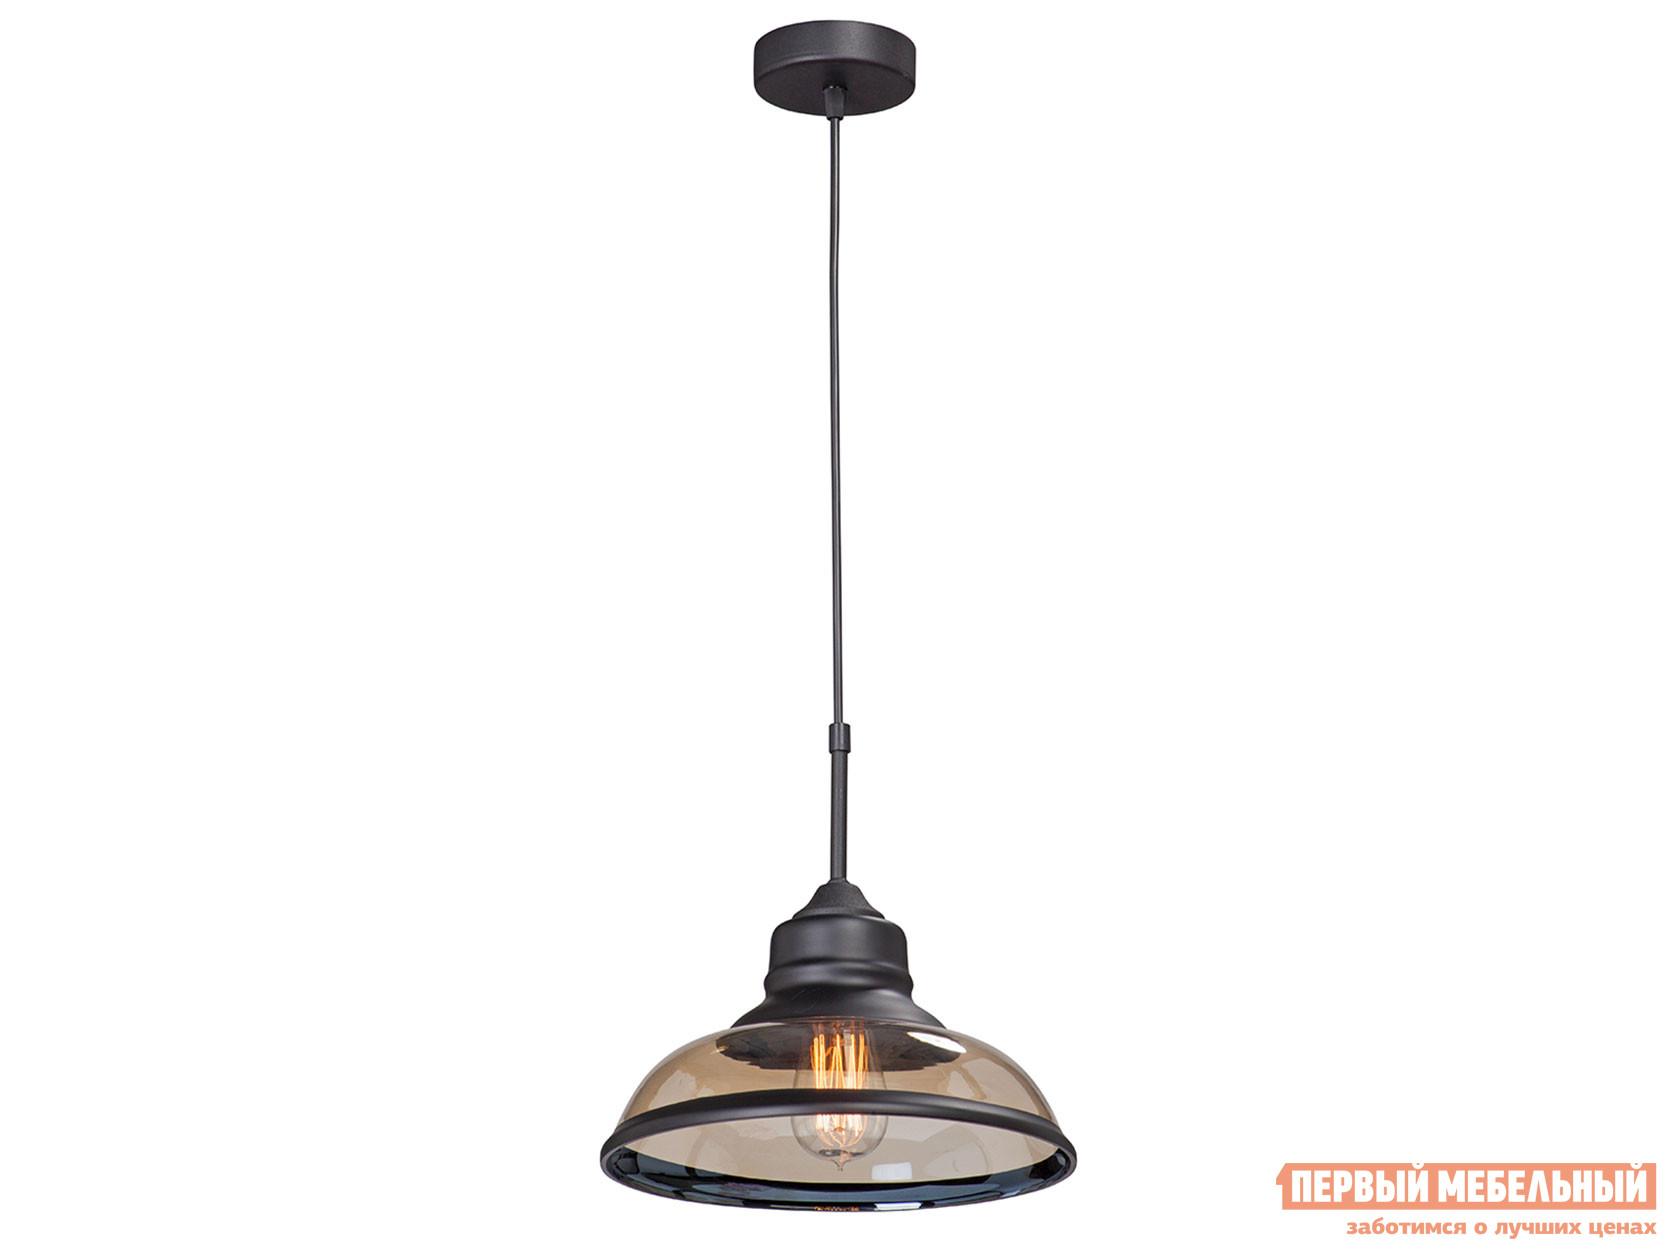 Фото - Подвесной светильник КСК-электро Люстра V4533-1/1S подвесной светильник vitaluce v4533 1 1s